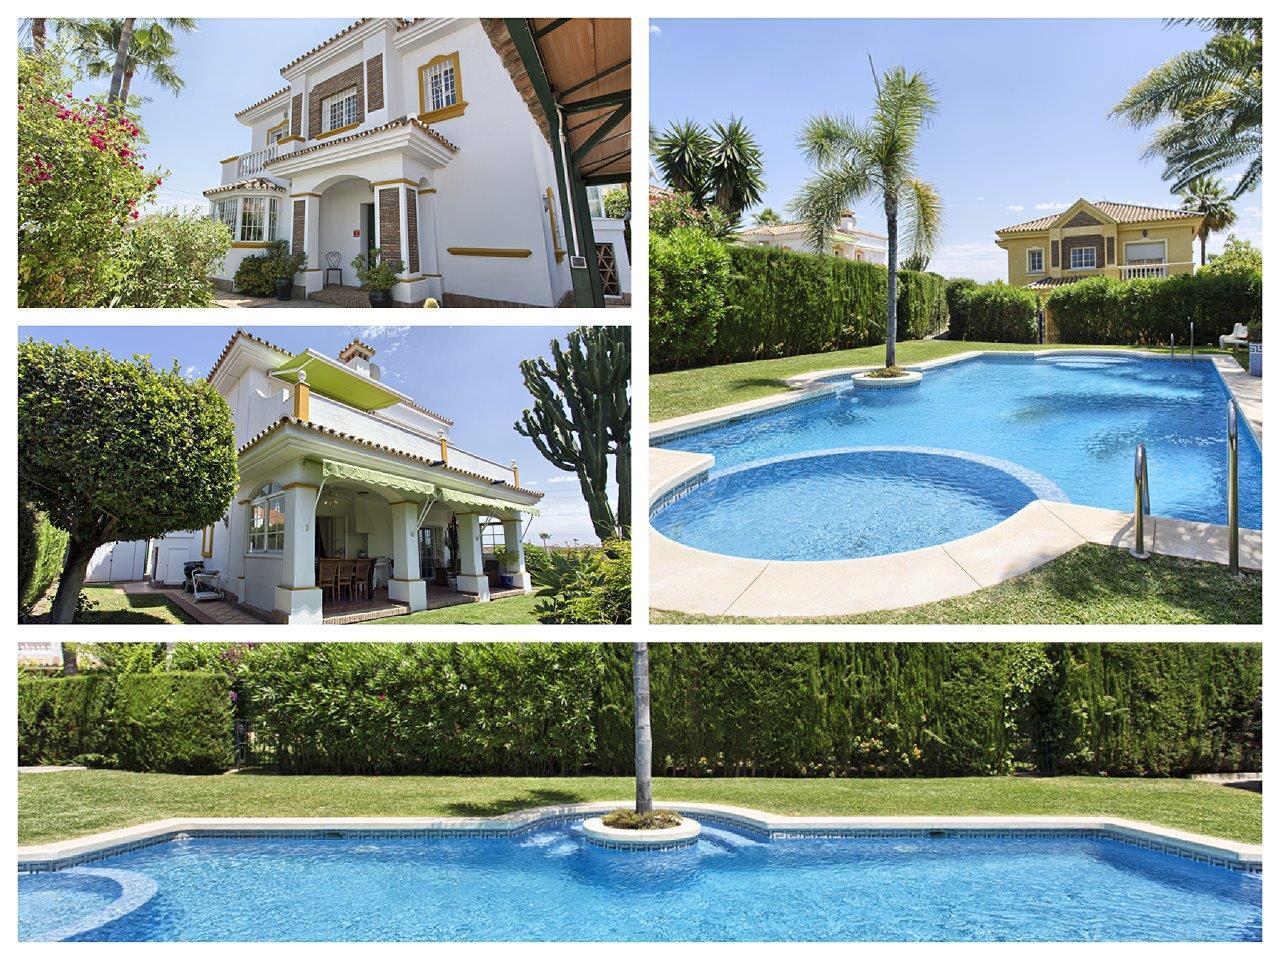 Villa in Monte Biarritz te koop (Estepona)